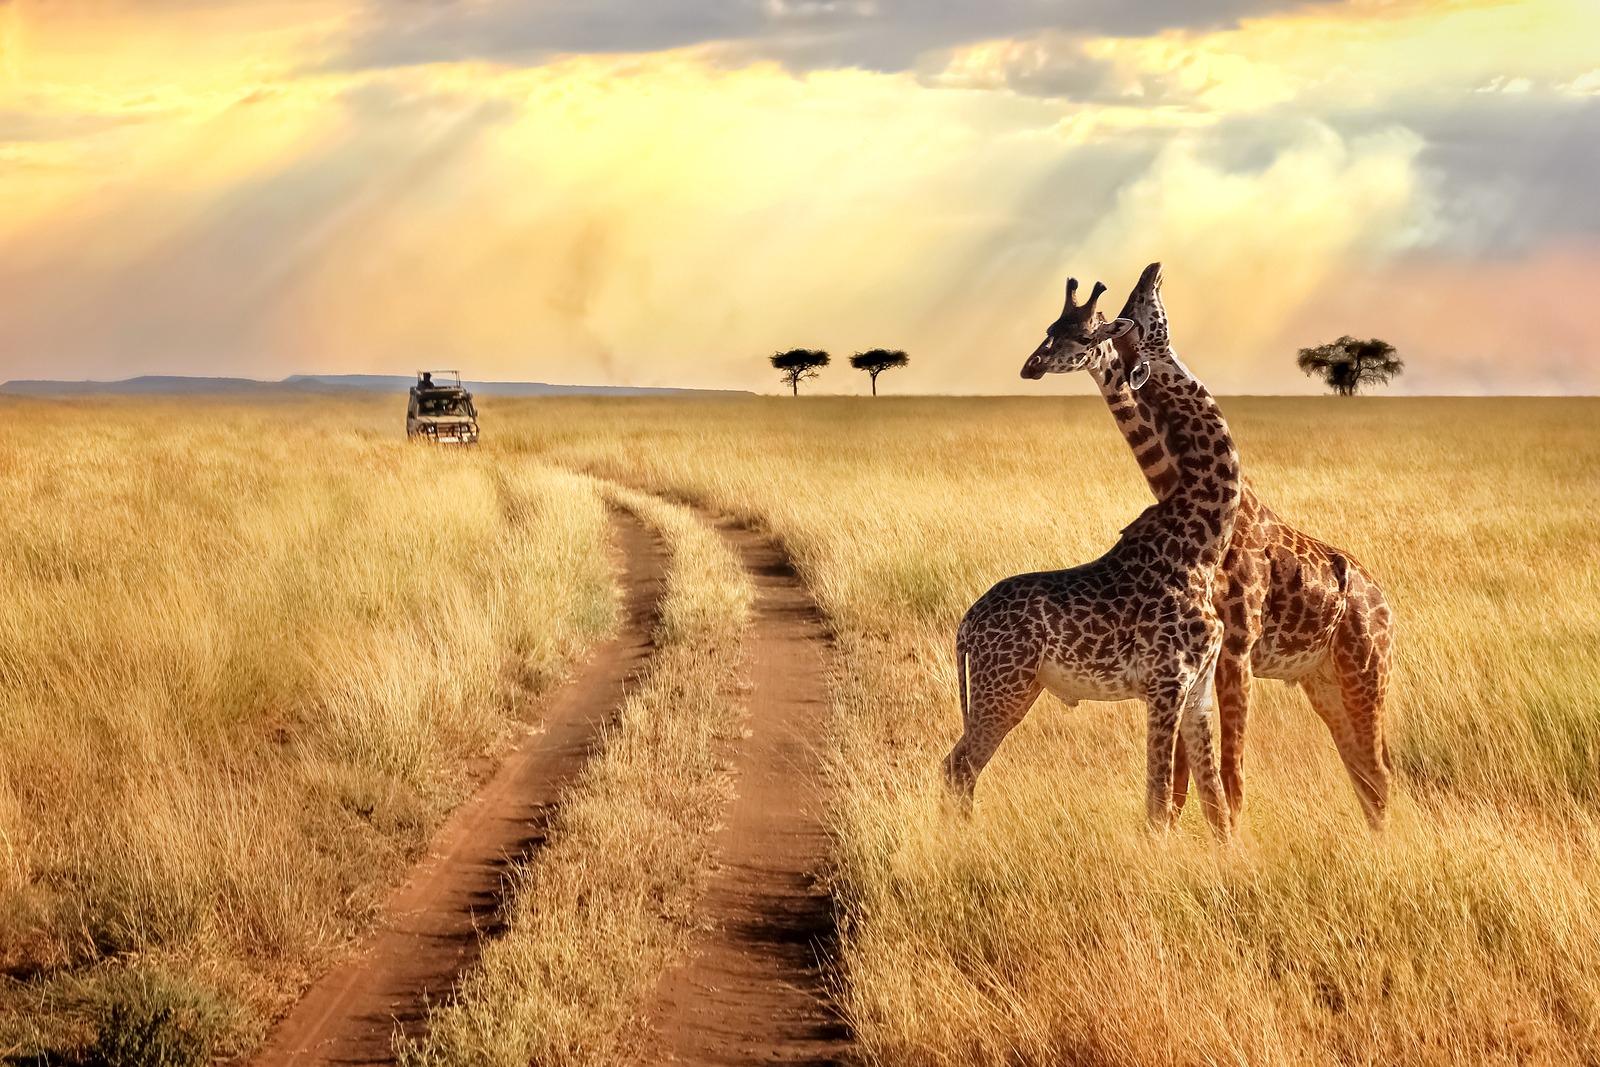 Les 5 Meilleurs Safaris En Afrique - Exoticca Blog à Les Animaux De L Afrique